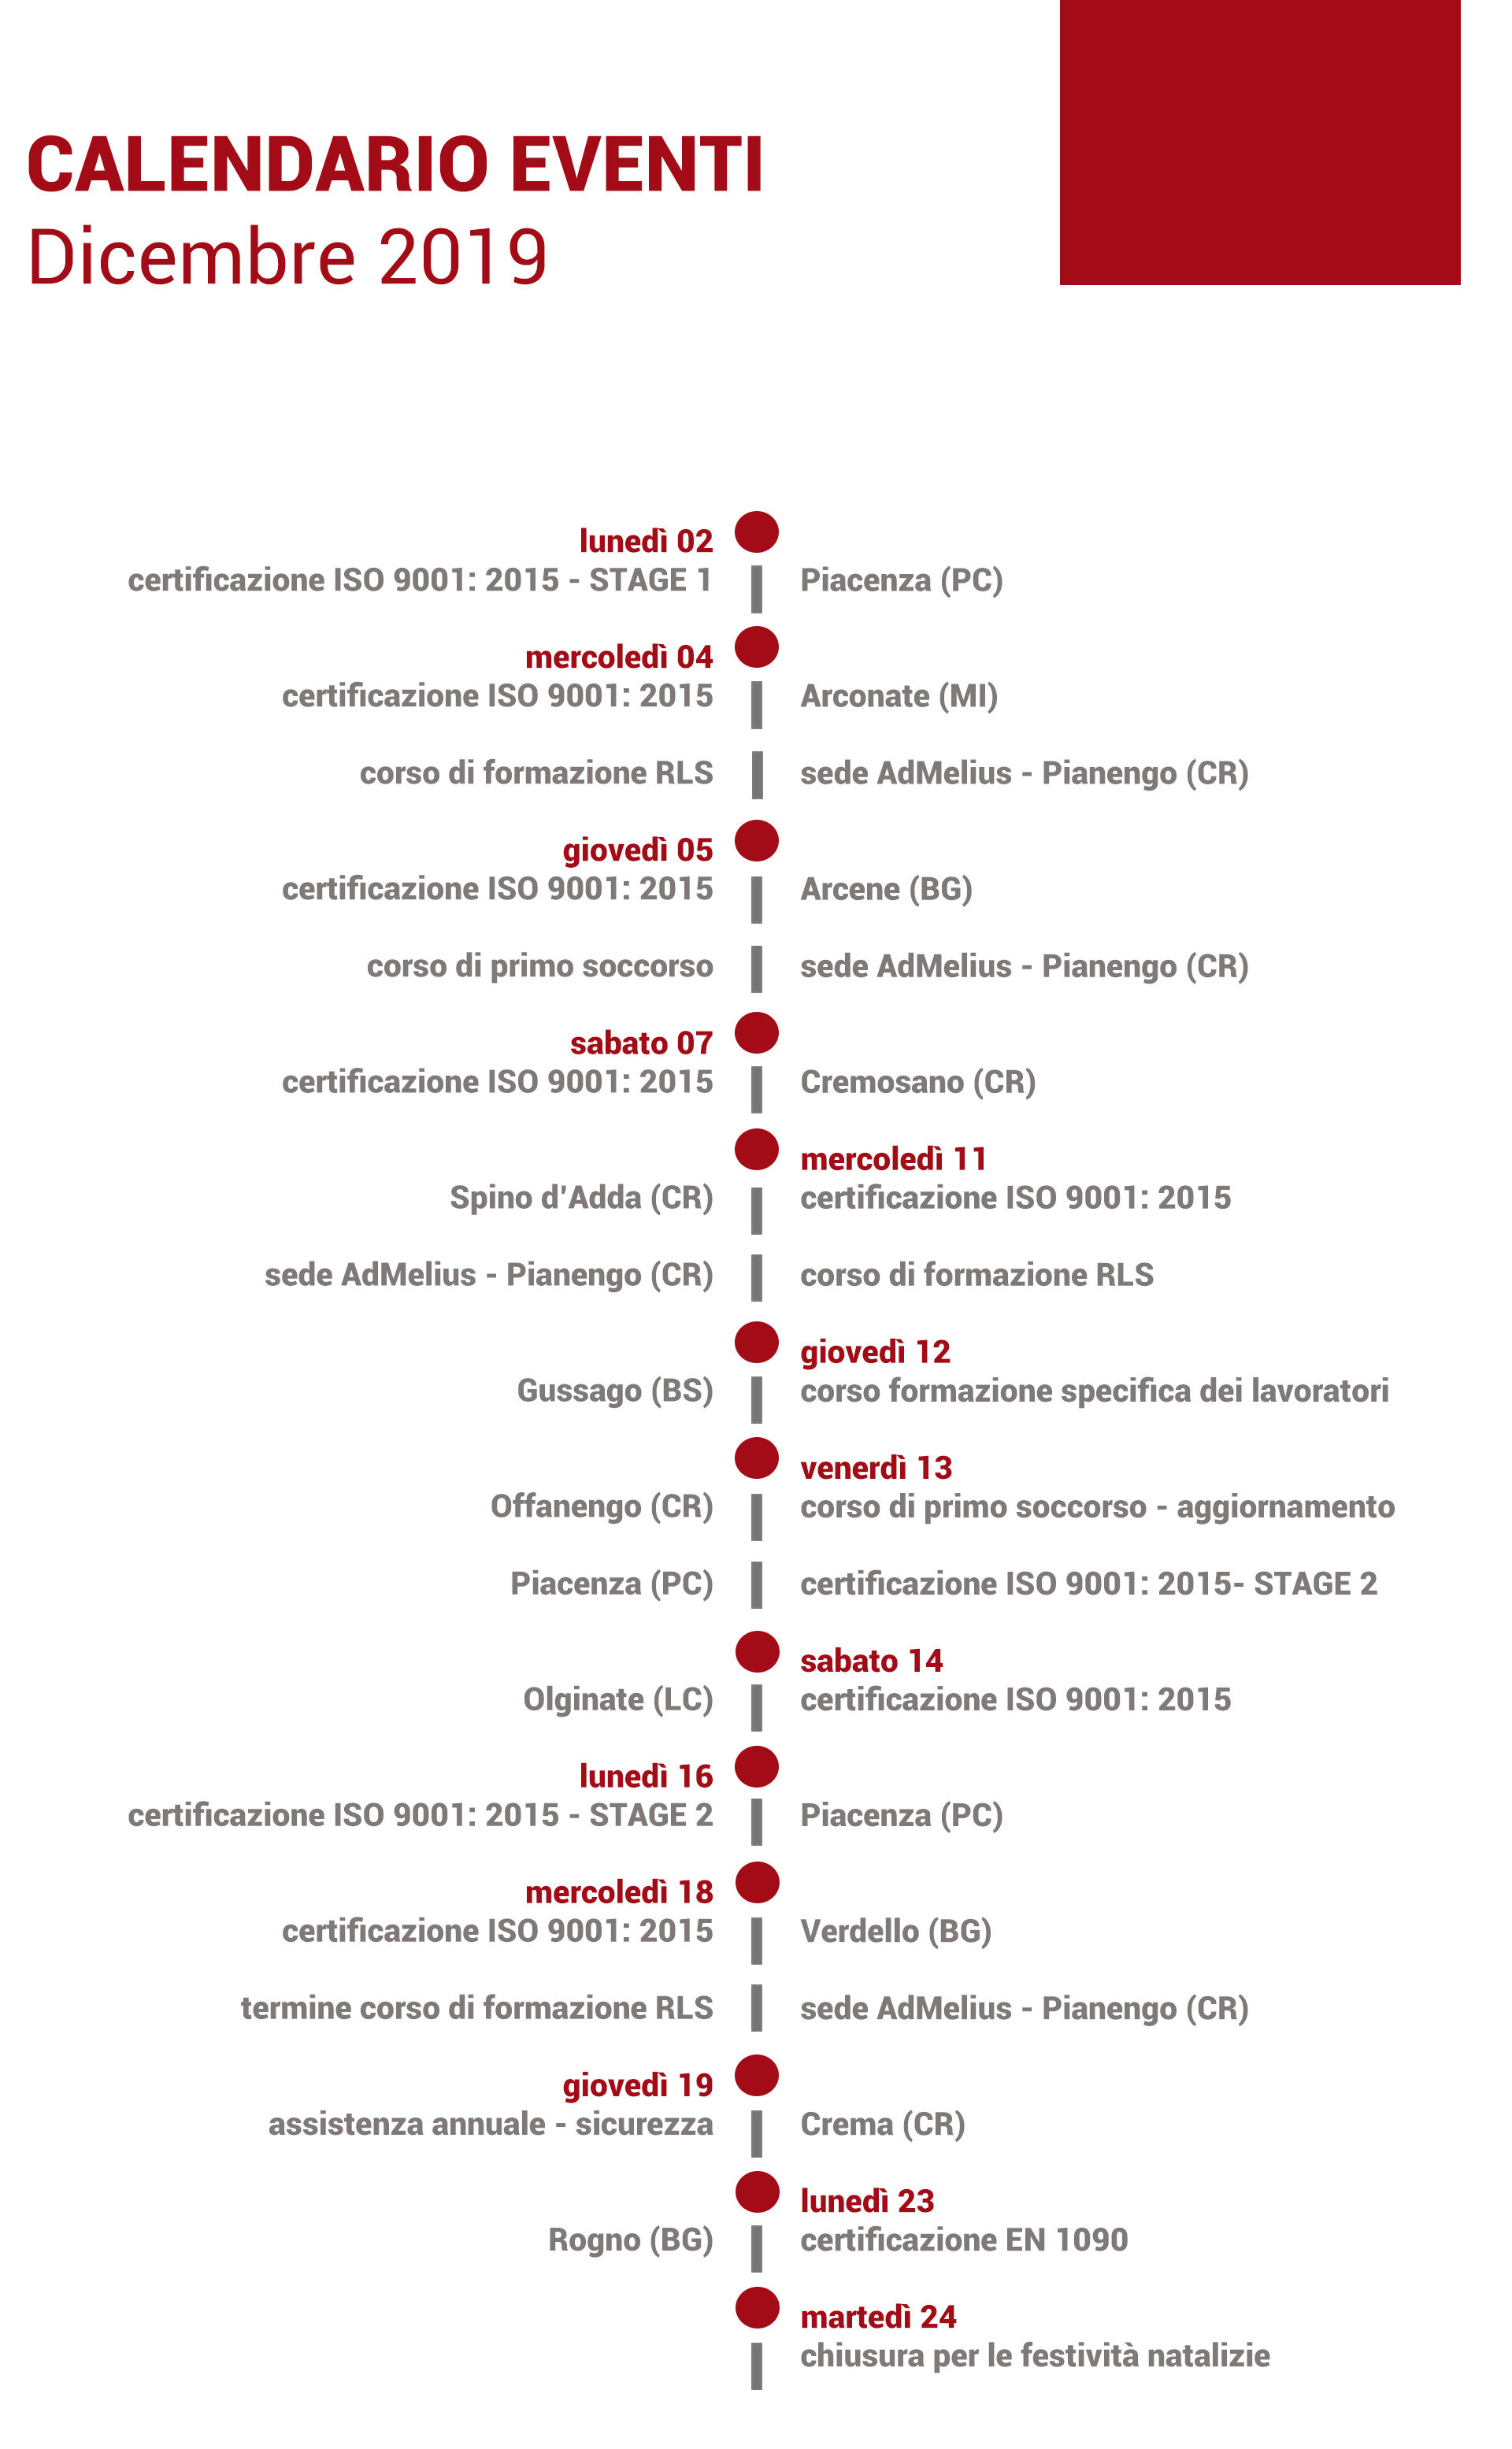 dicembre-calendario-eventi-sito